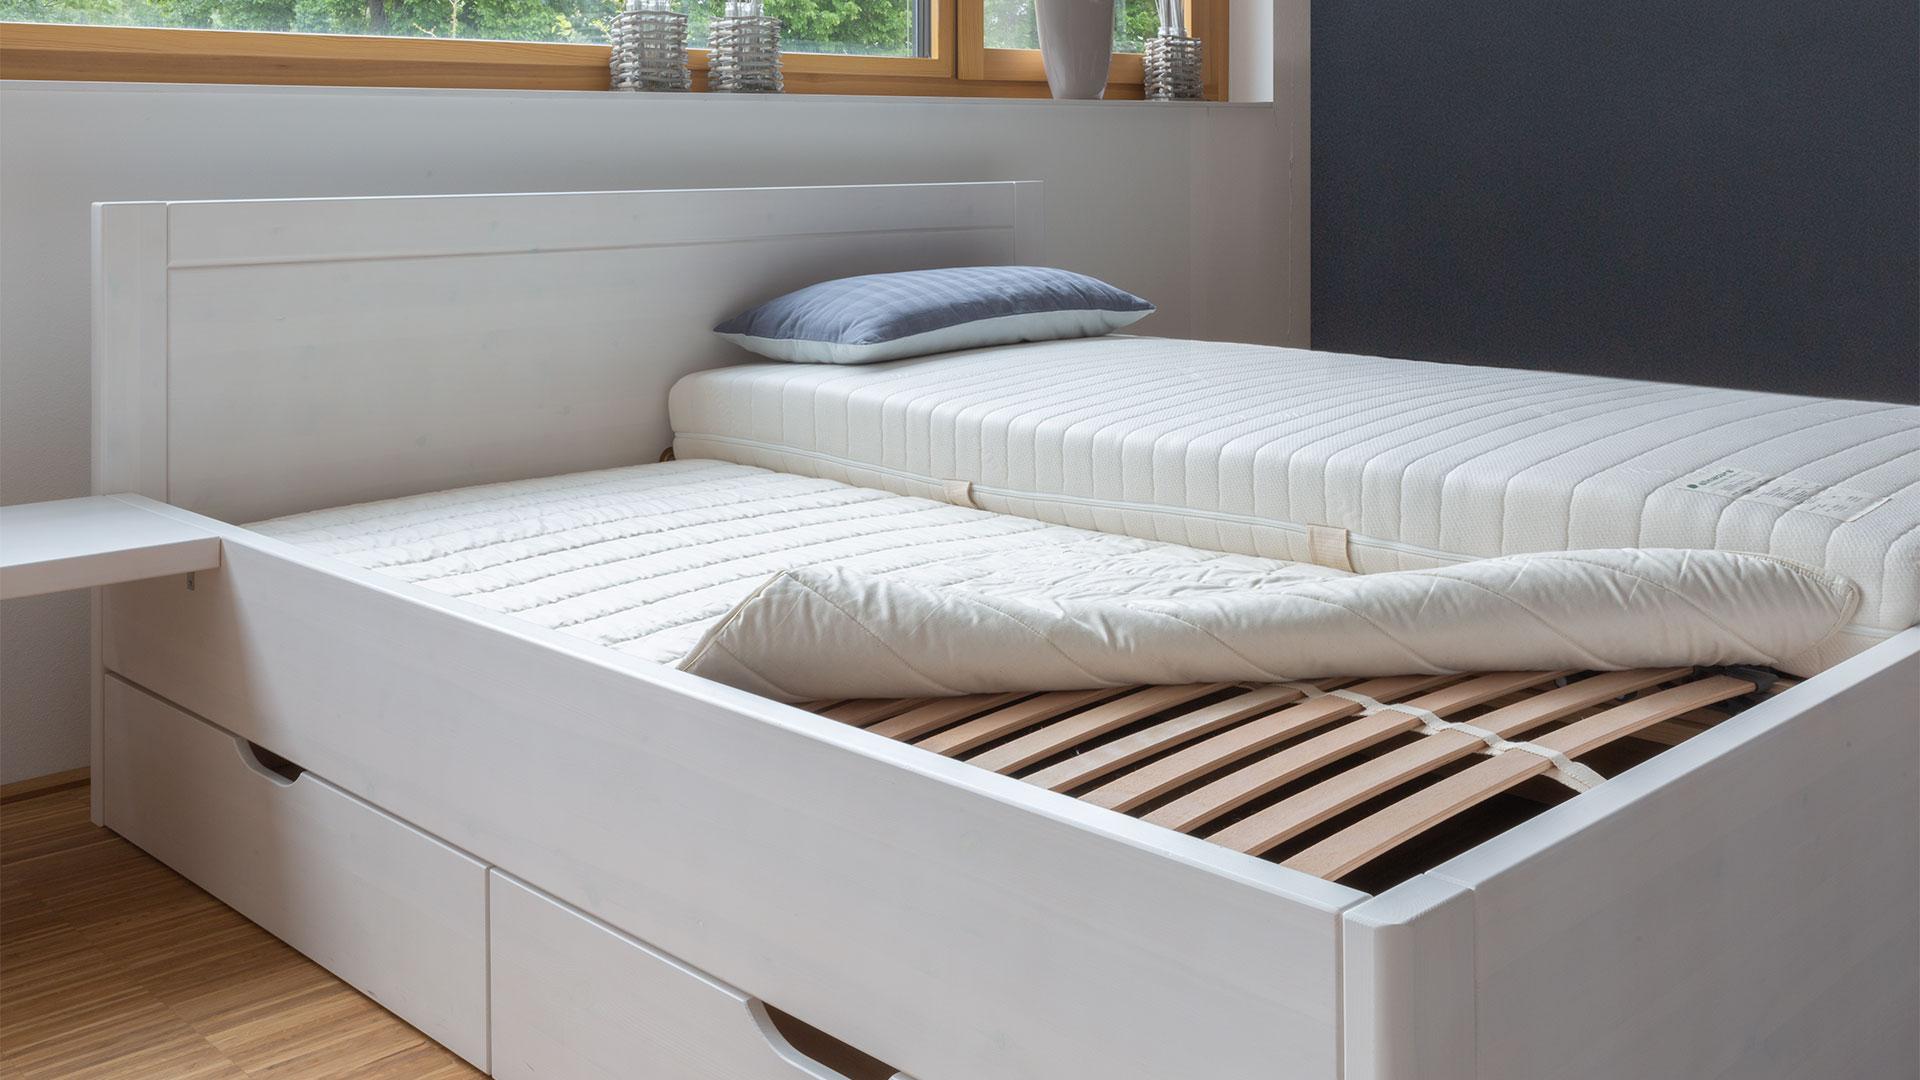 Matratzen schoner for Schoner wohnen sofakissen